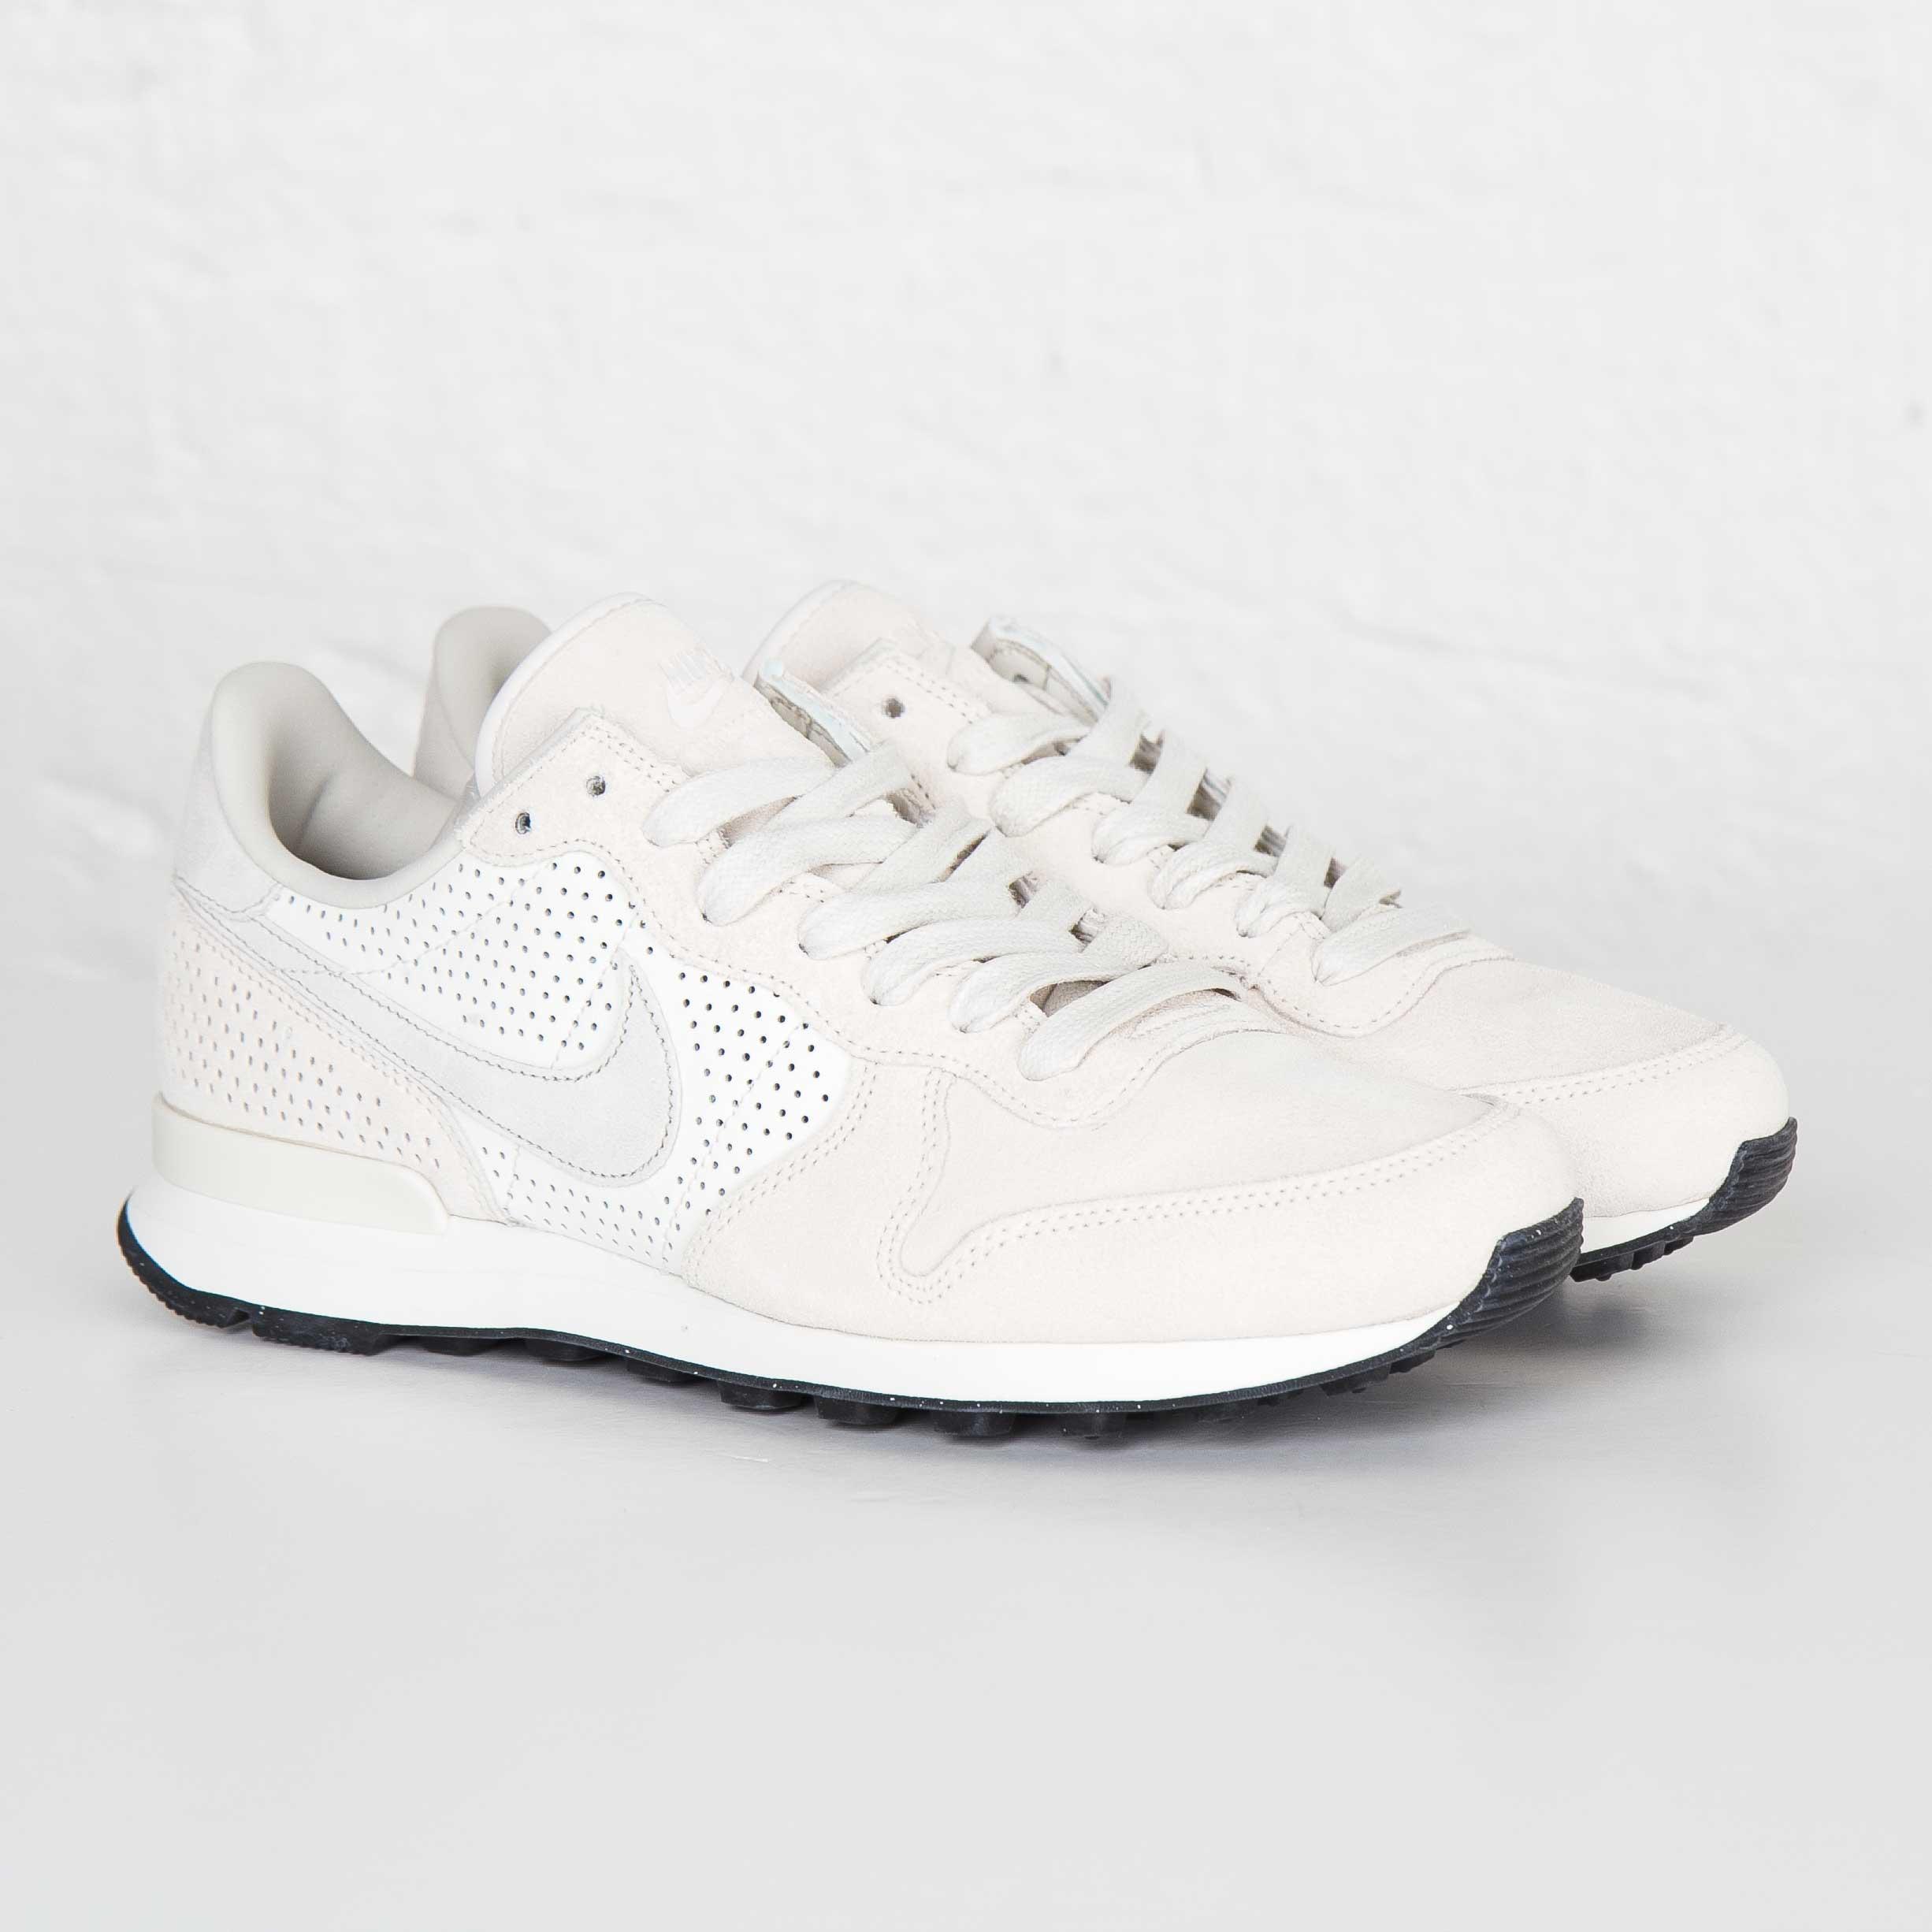 aea4fc4985788 Nike Internationalist LX - 827888-055 - Sneakersnstuff